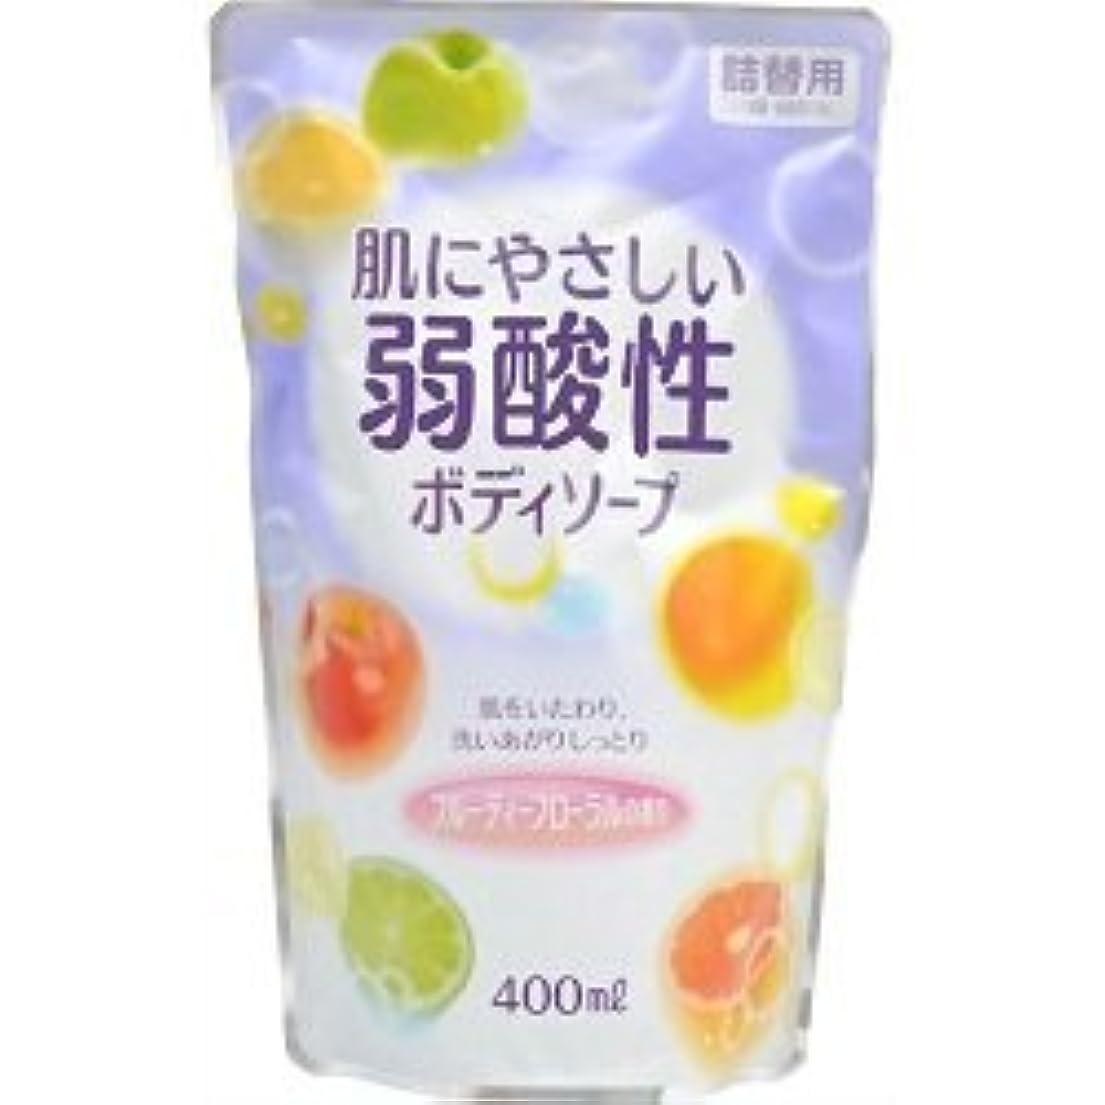 自分のために副詞構造的【エオリア】弱酸性ボディソープ フルーティフローラルの香り 詰替用 400ml ×5個セット